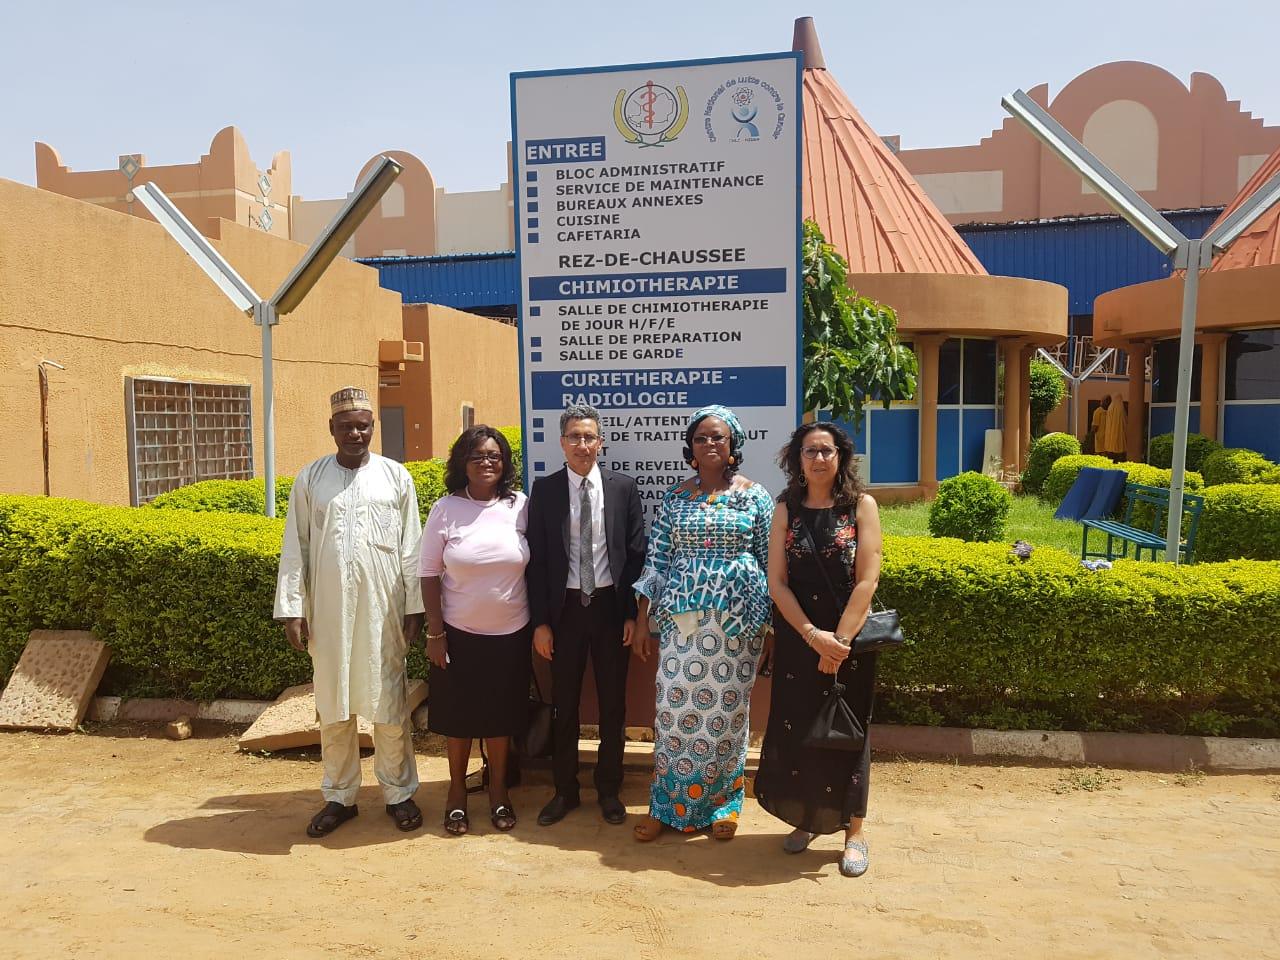 Mission du Pr Mhamed Harif et du Pr Laila Hessissen alors Présidente de la SIOP Africa